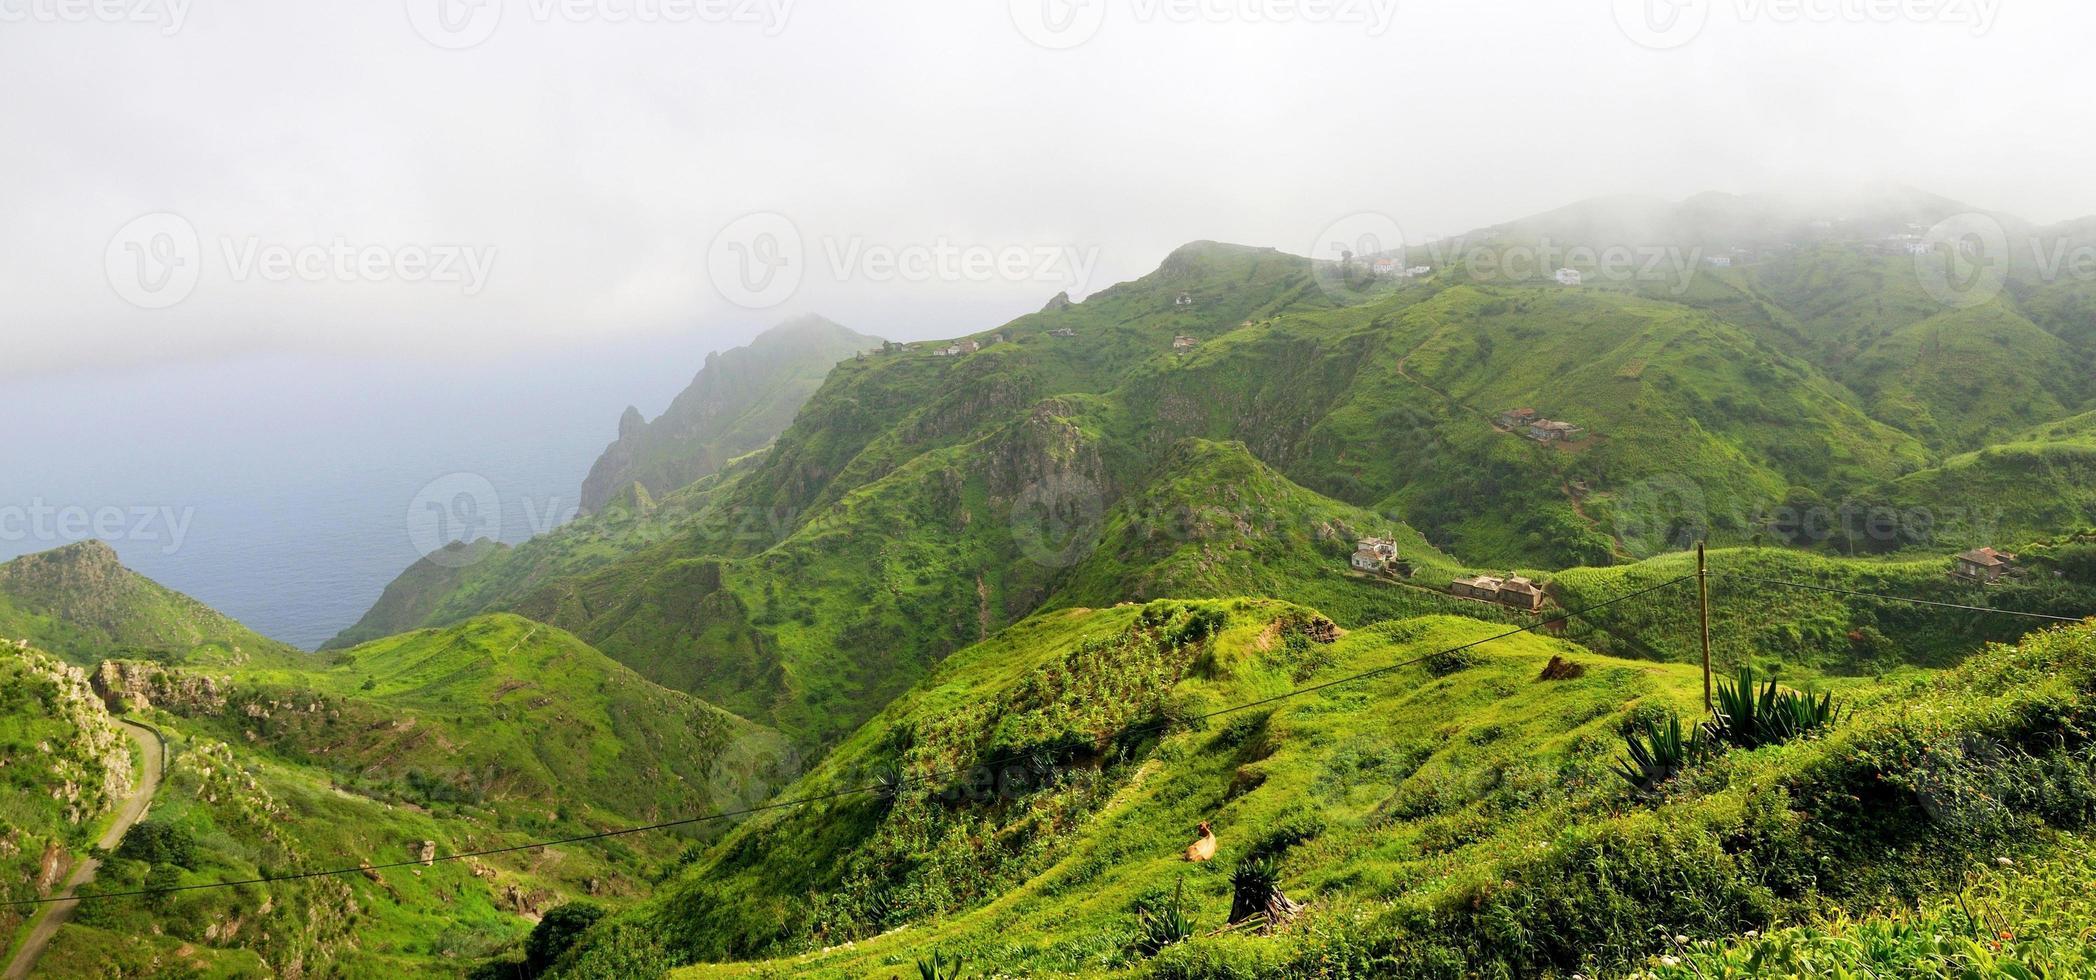 maisons, terres agricoles et bétail au sommet de la montagne photo